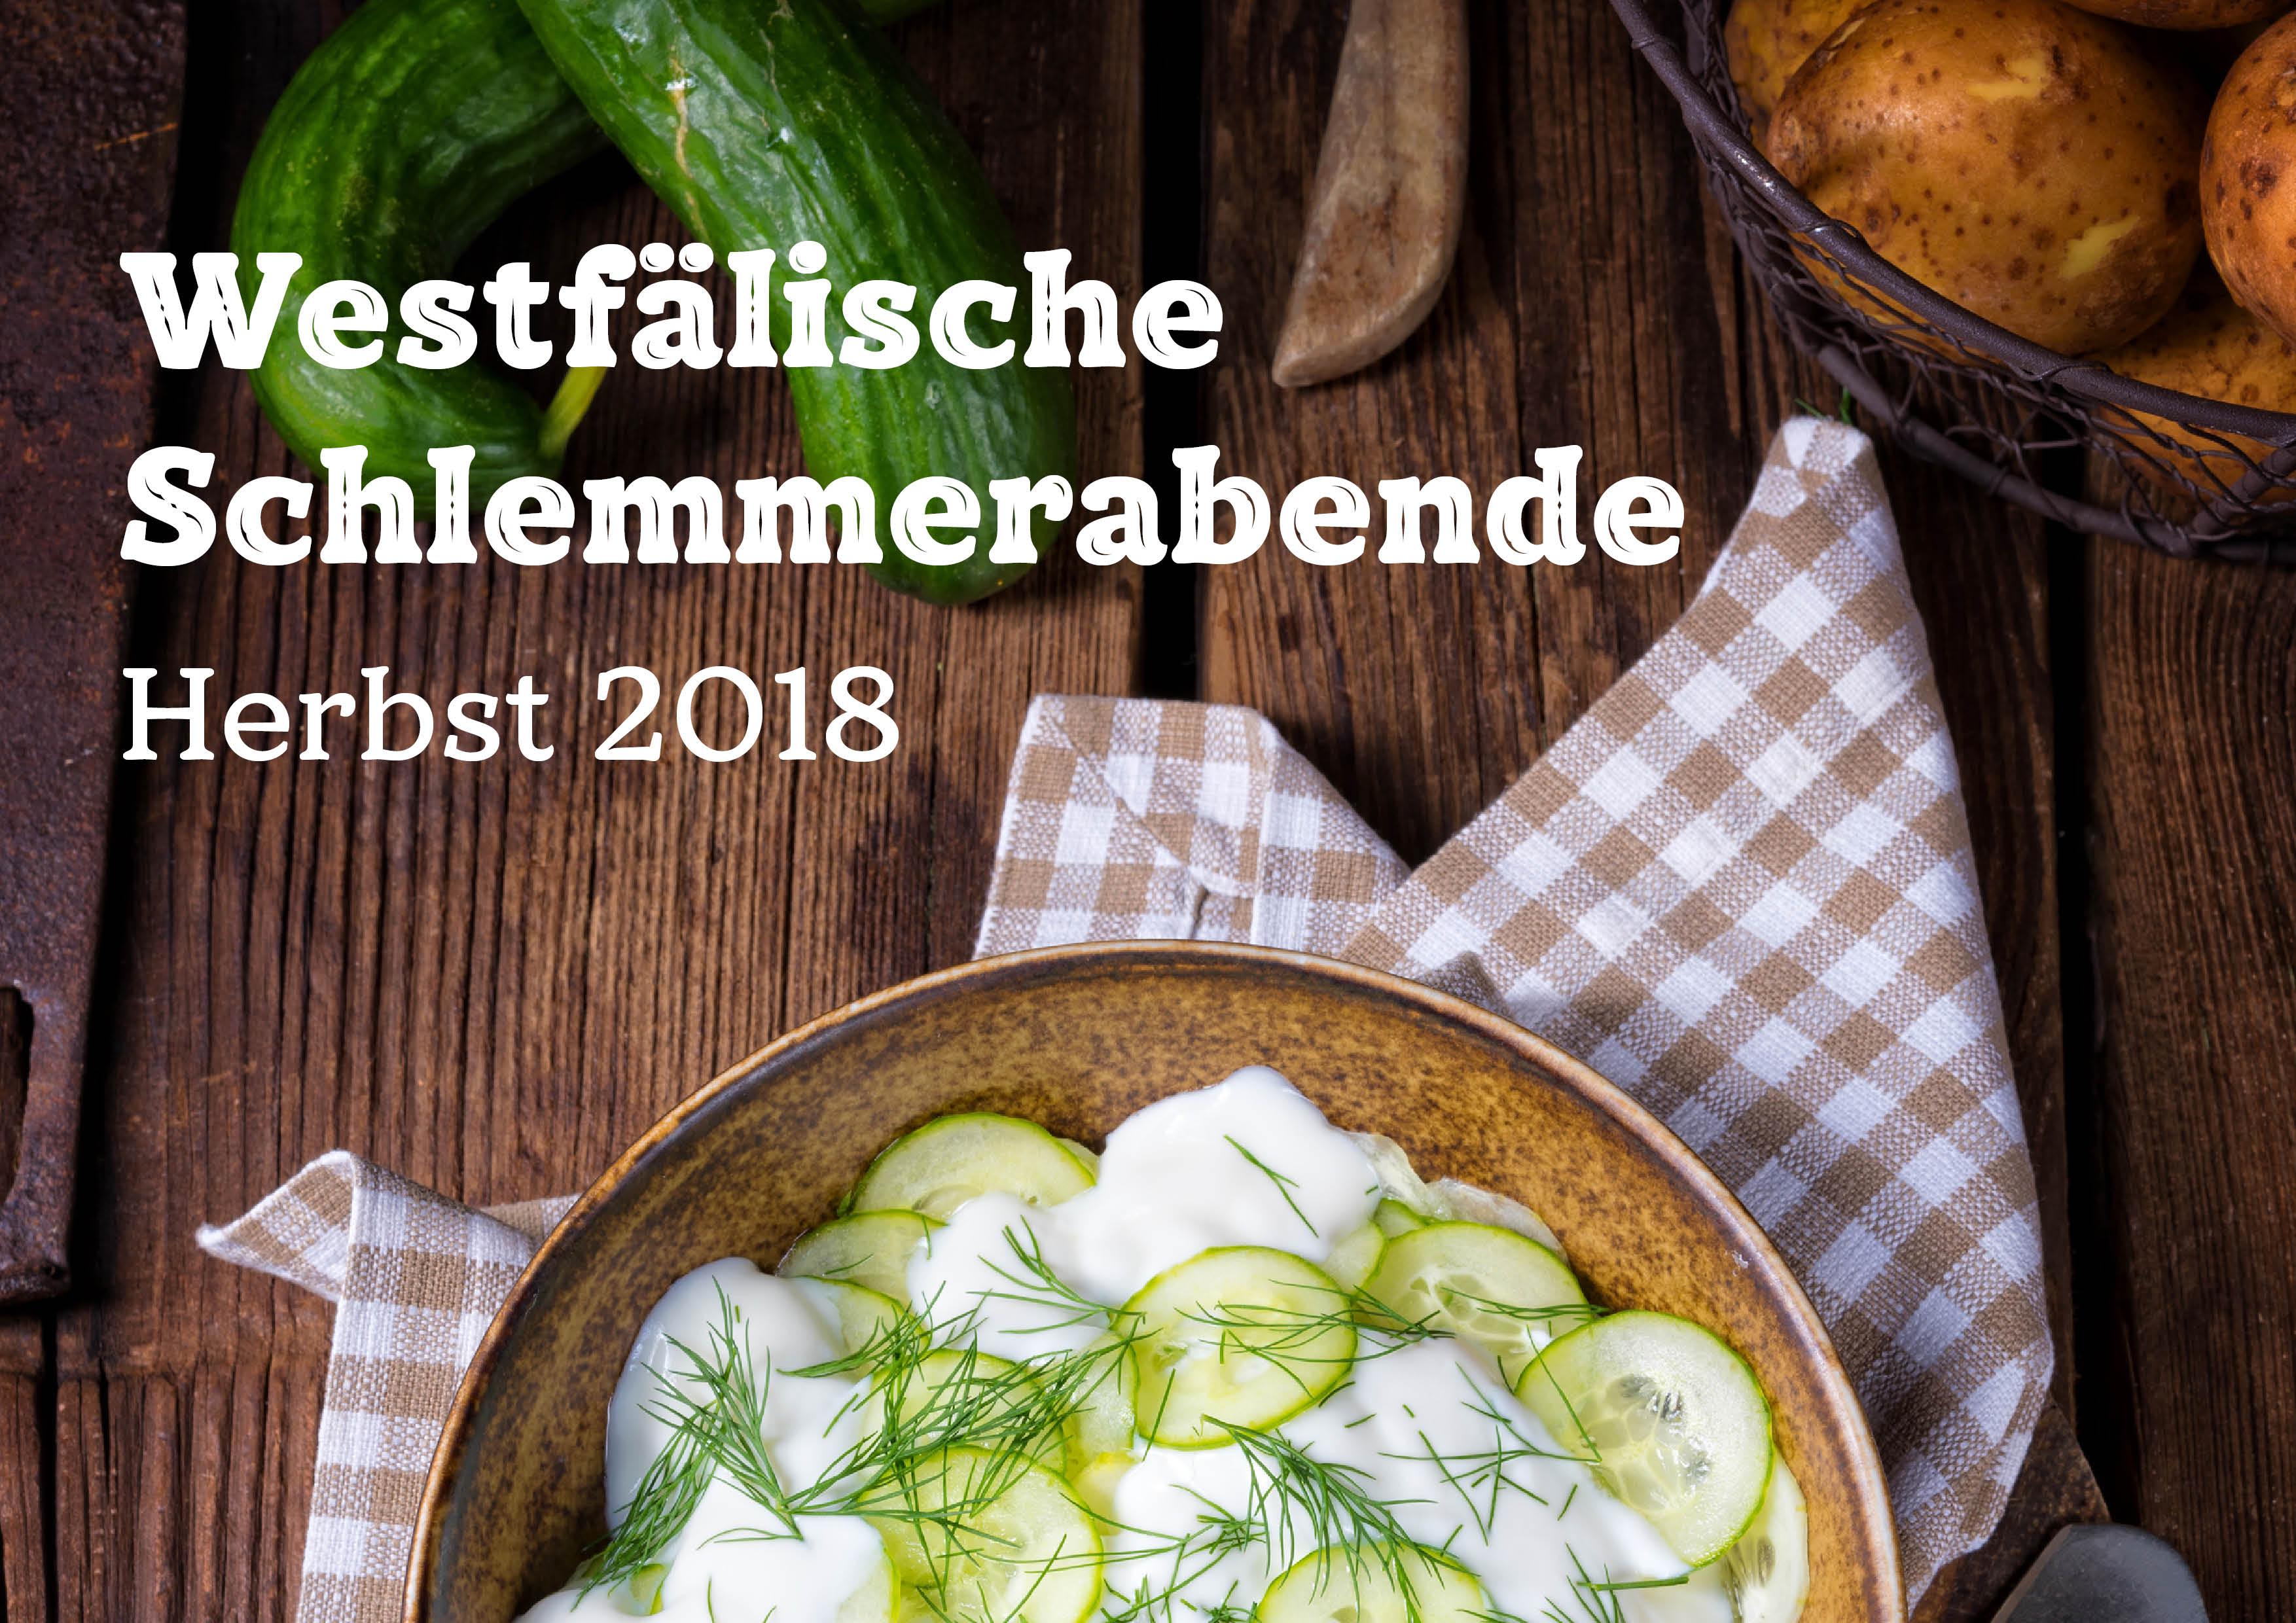 Westfälische Schlemmerabende 2018